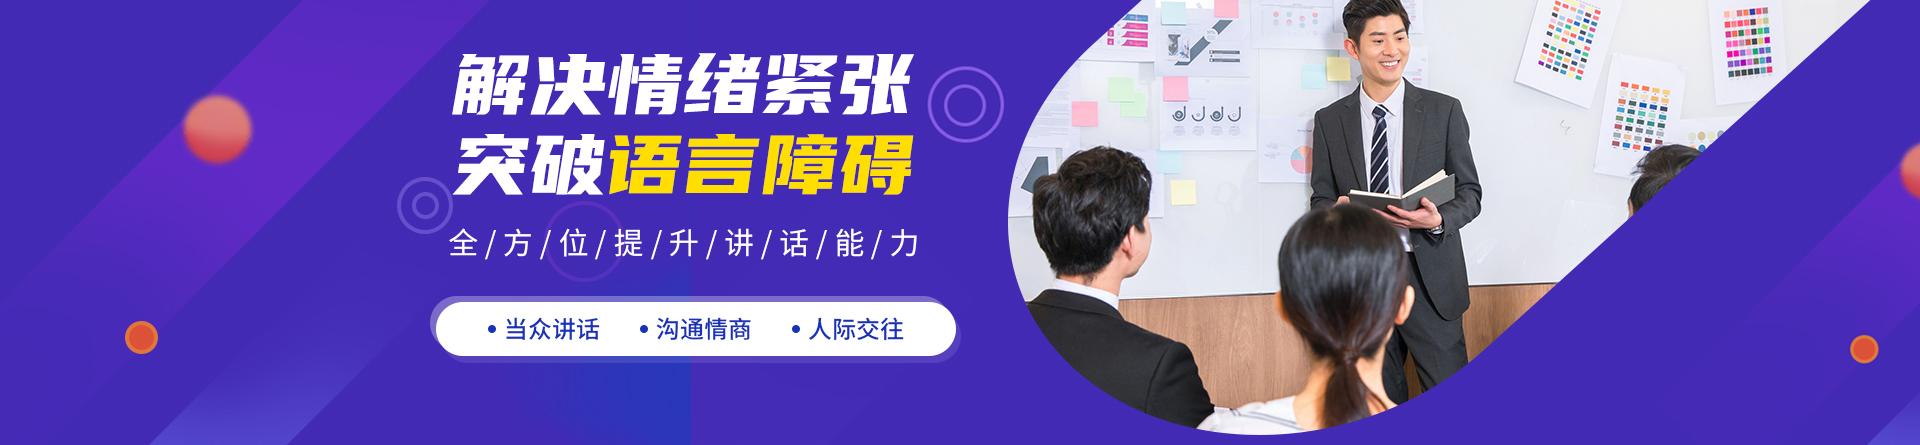 南京新励成口才培训